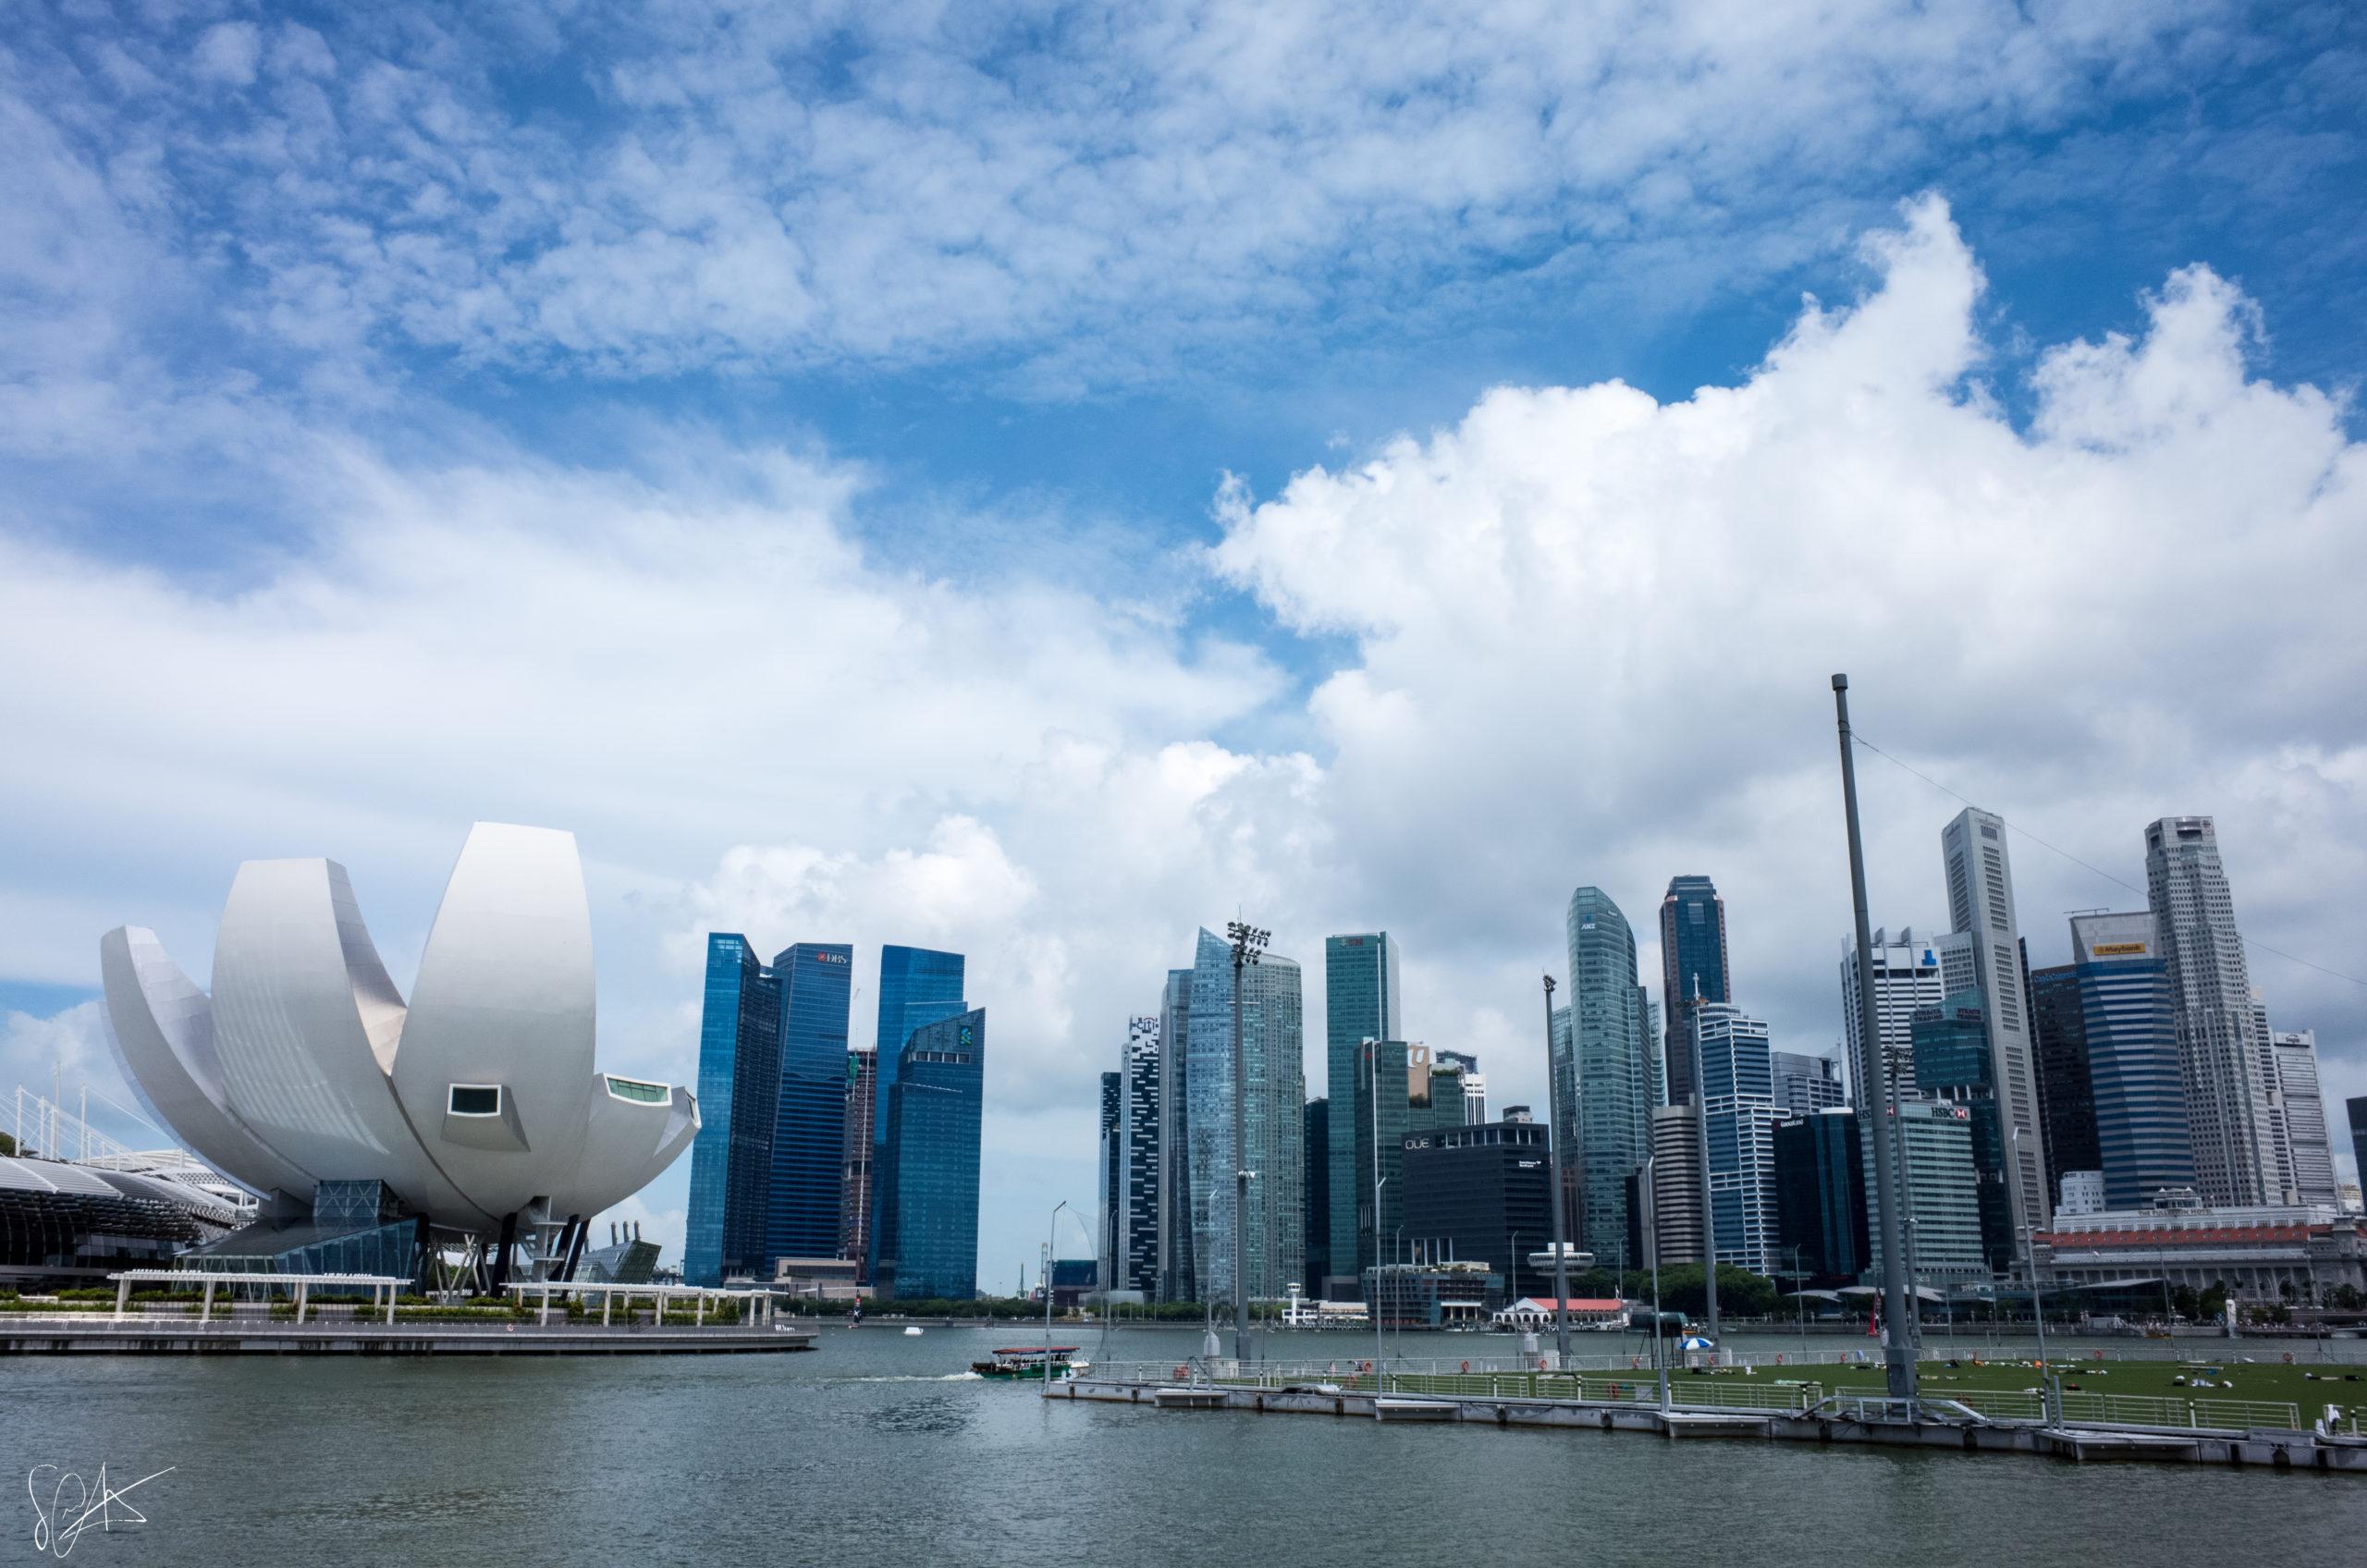 Правительство Сингапура выделит $3,6 млрд на поддержку экономики в условиях пандемии